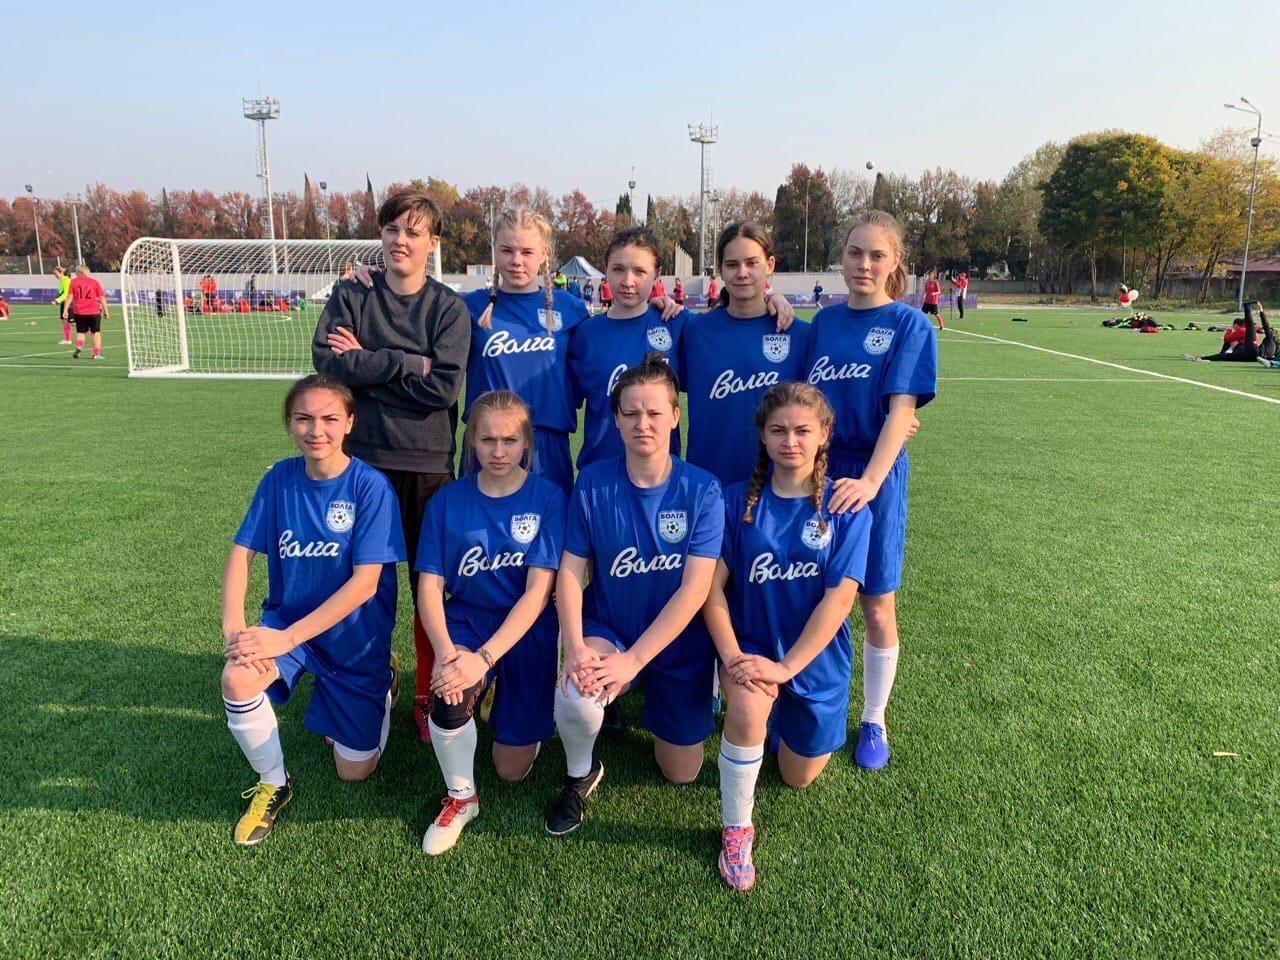 Футбол не только для мужчин: судить Первенство России по футболу будет девушка-арбитр из Твери